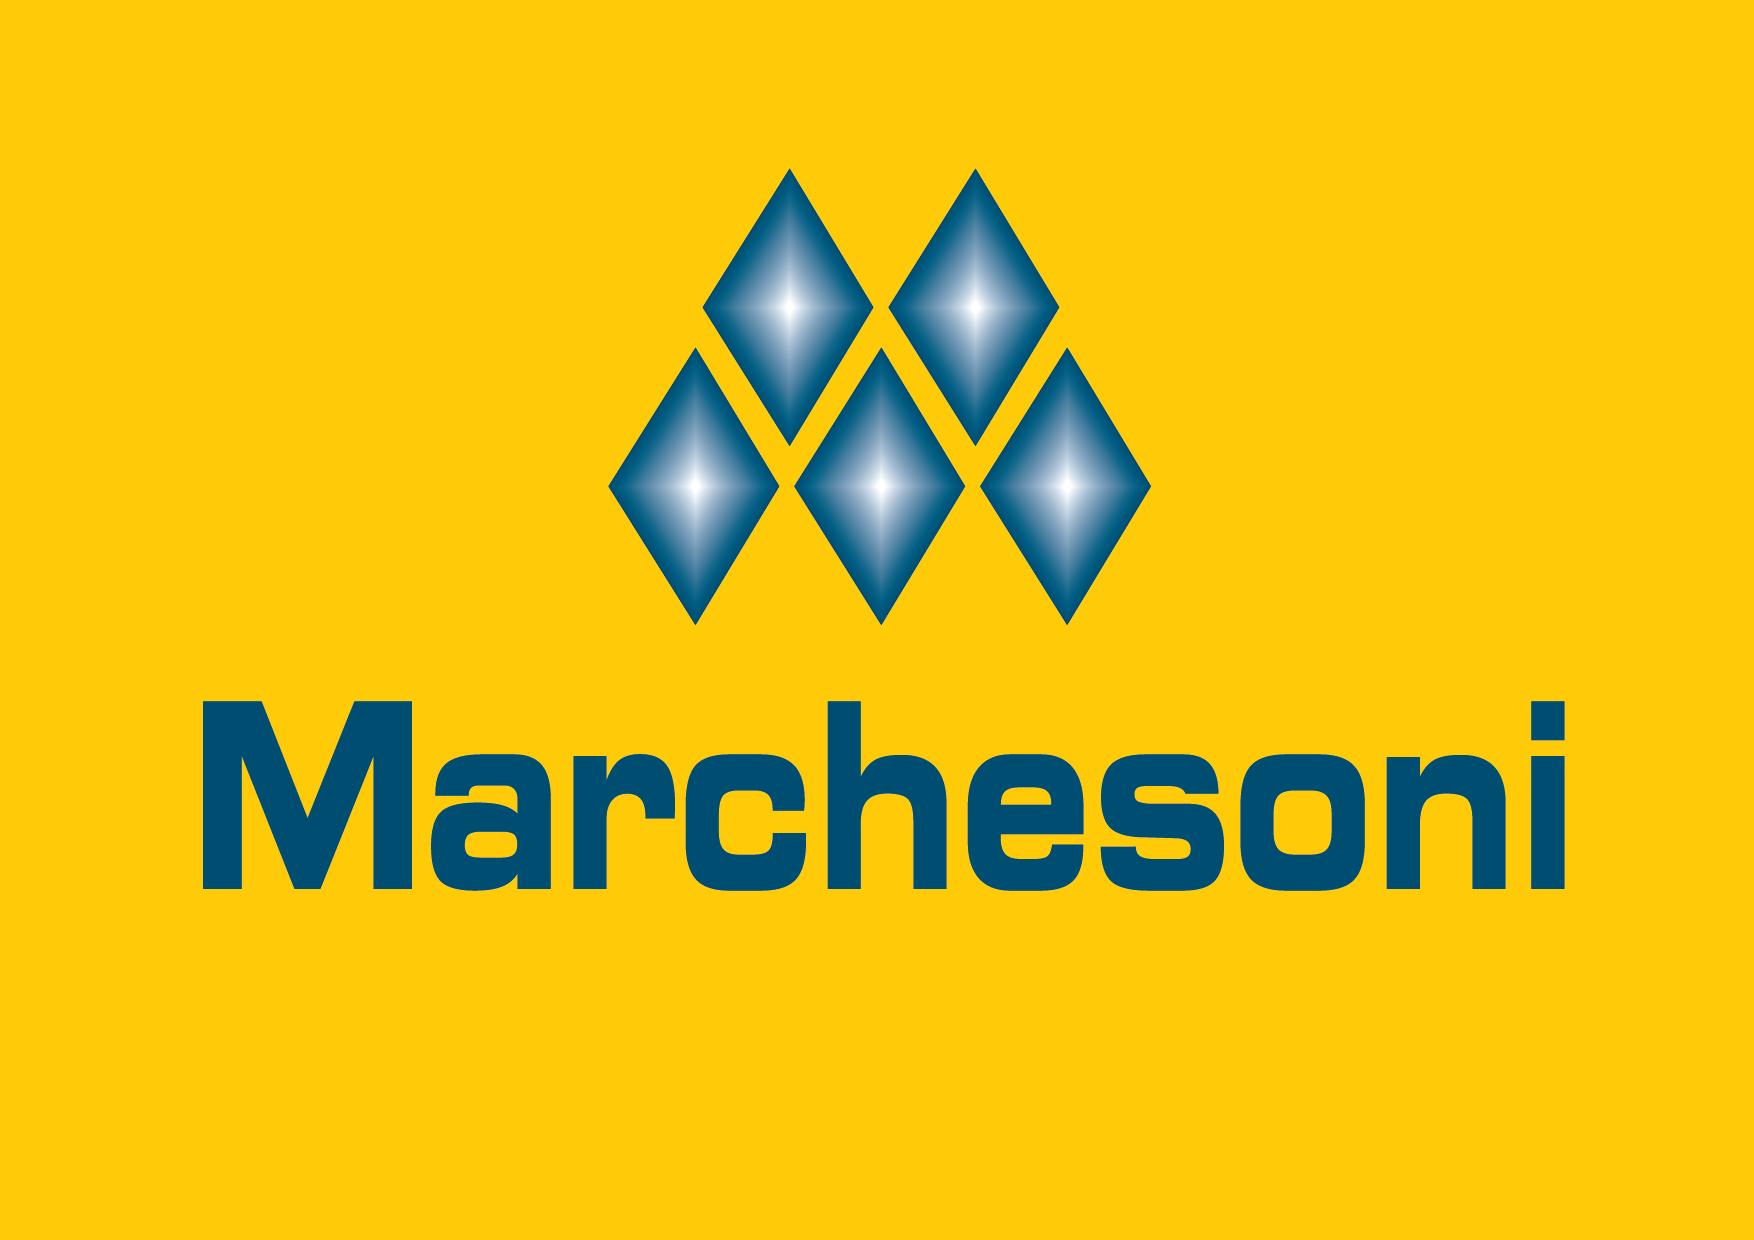 KIT com 10 Torres de Chopp MarcBeer Marchesoni 3,5 Litros - MB2350  - Carmel Equipamentos